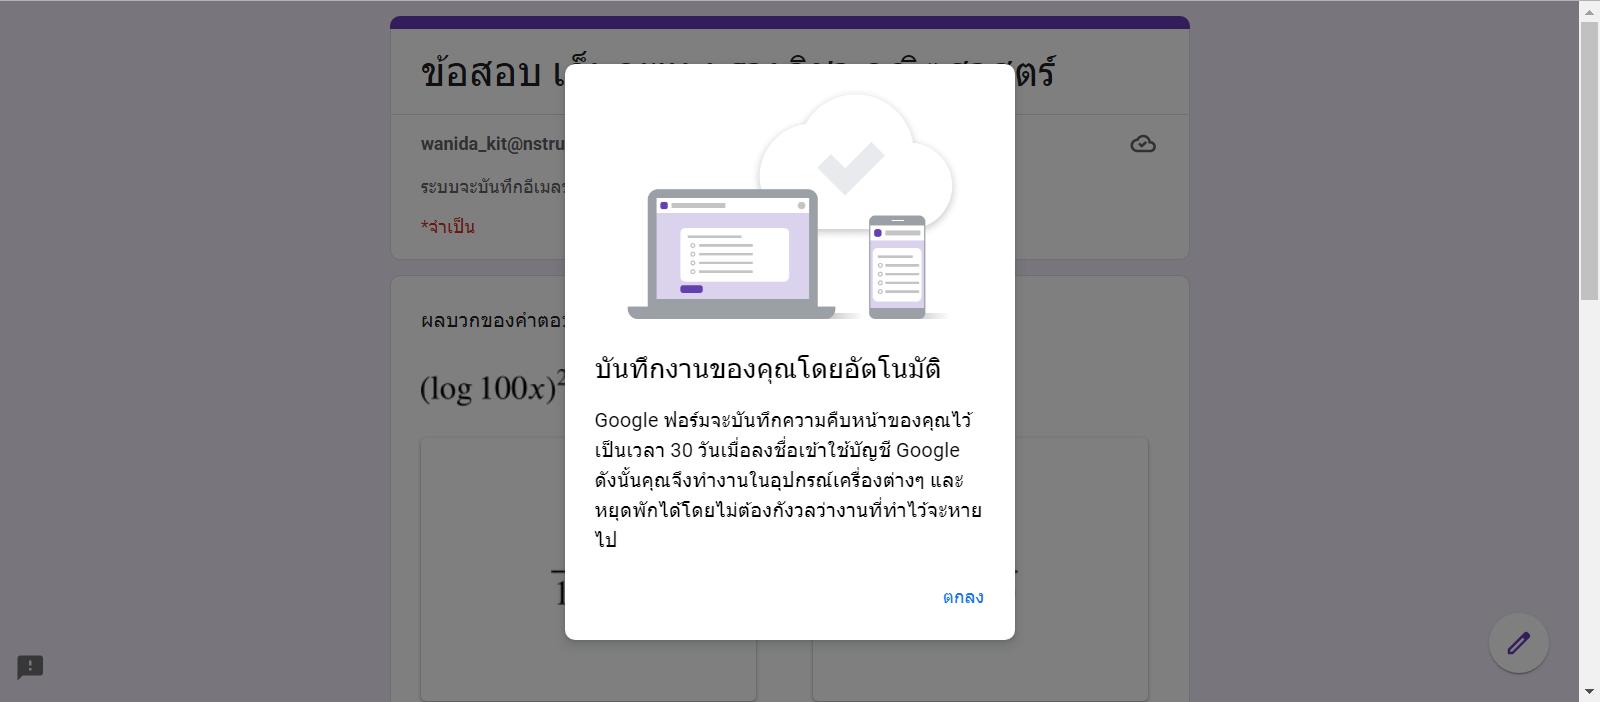 Google-Forms-กับการบันทึการกรอกโดยอัตโนมัติ-